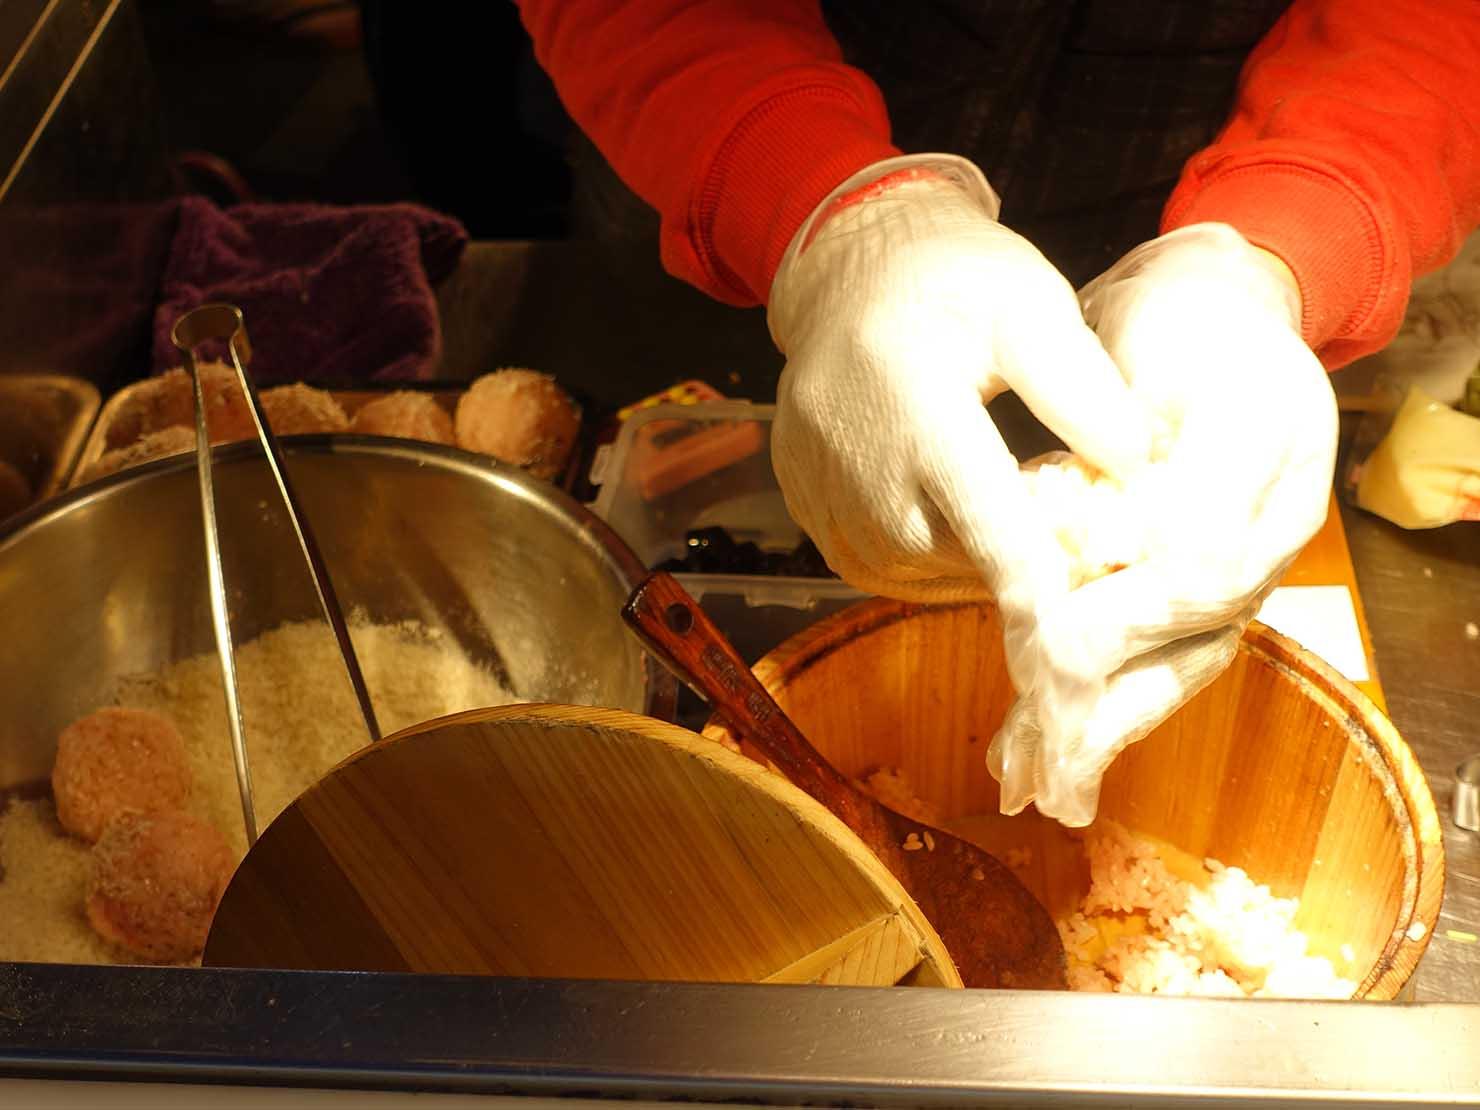 台湾の夜市で食べられる日本グルメ「炸飯糰(揚げおにぎり)」屋台で握られるおにぎり